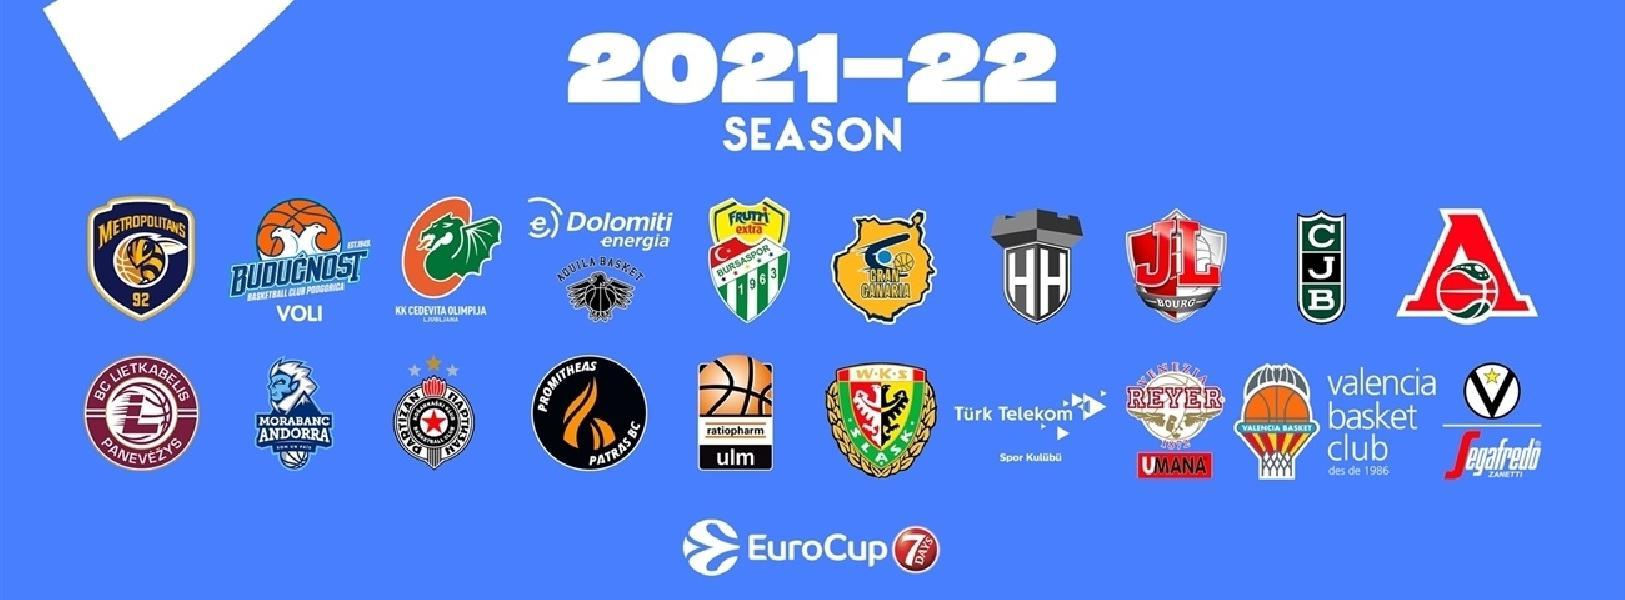 https://www.basketmarche.it/immagini_articoli/19-06-2021/eurocup-ufficializzate-partecipanti-edizione-2122-sono-virtus-bologna-reyer-venezia-aquila-trento-600.jpg